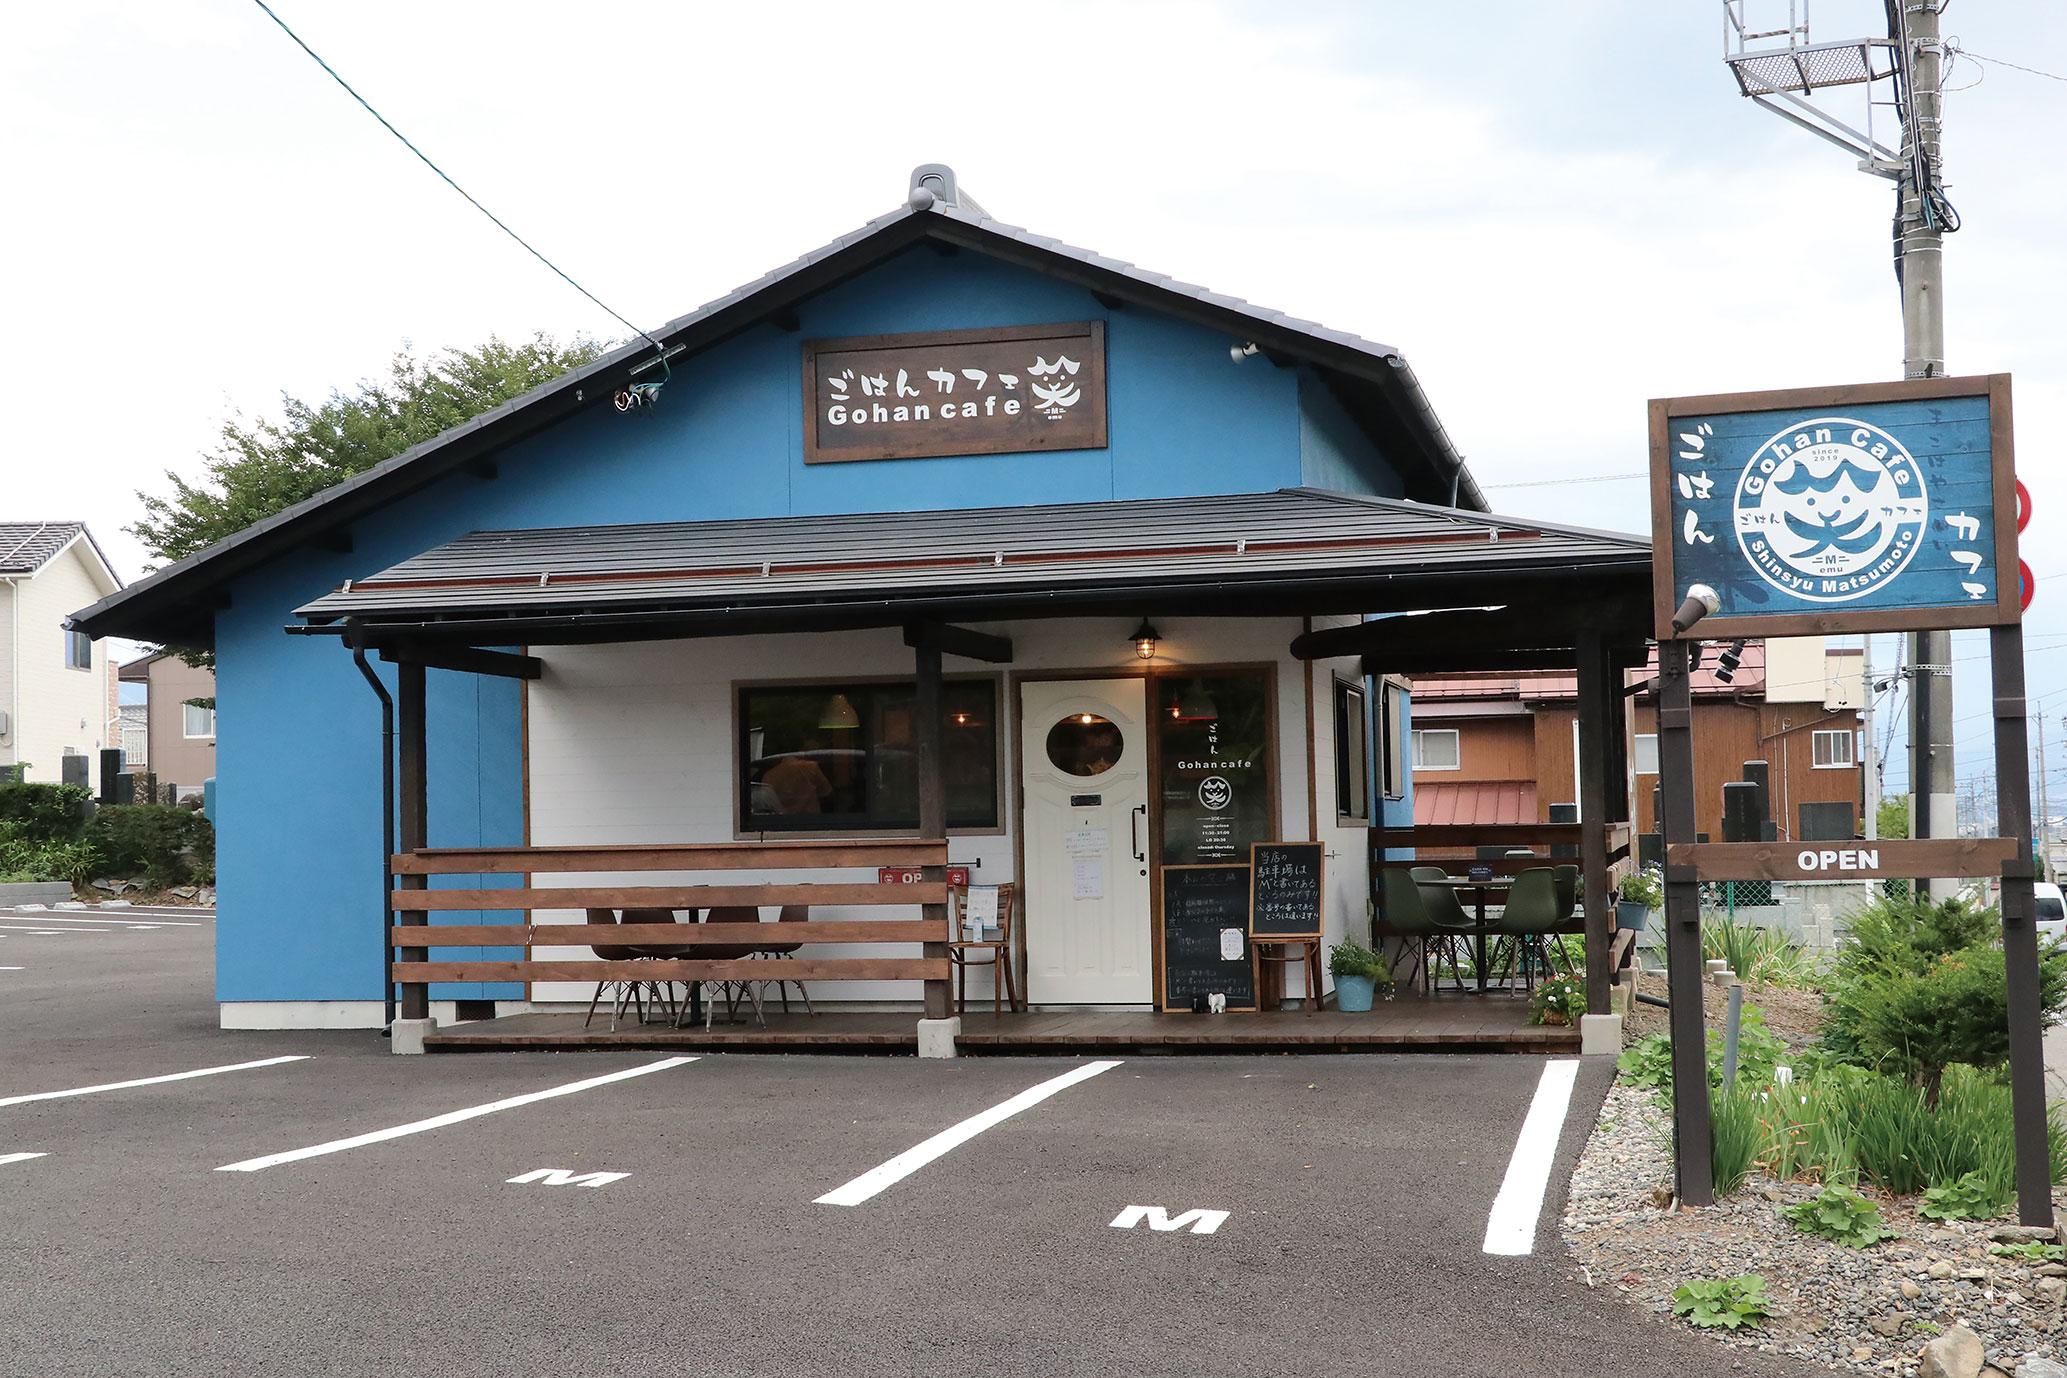 お店は松本松岡簡易郵便局向かいにあり、青い建物が目印です。